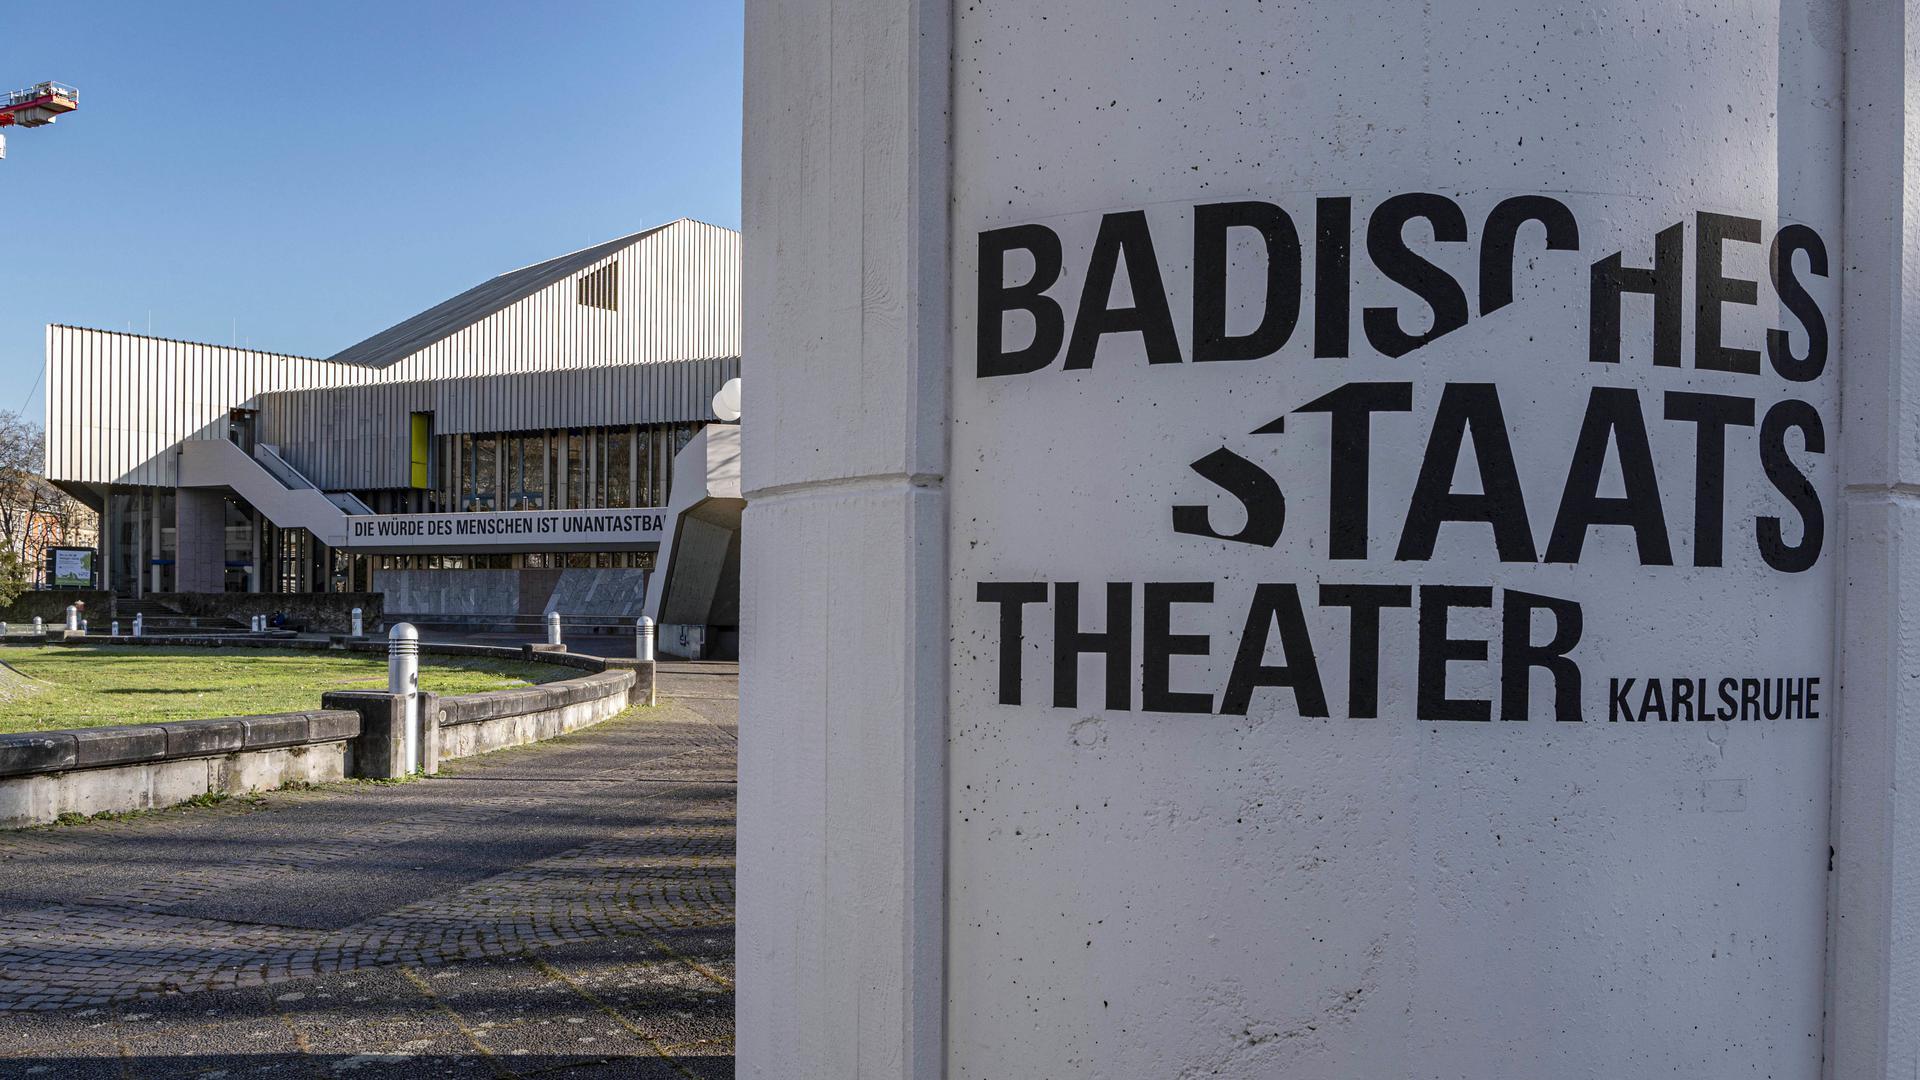 Neue Vorwürfe gegen Mitarbeiter des Badischens Staatstheaters. Wegen des Verdachts der Vergewaltigung hat die Staatsanwaltschaft jetzt Anklage erhoben.